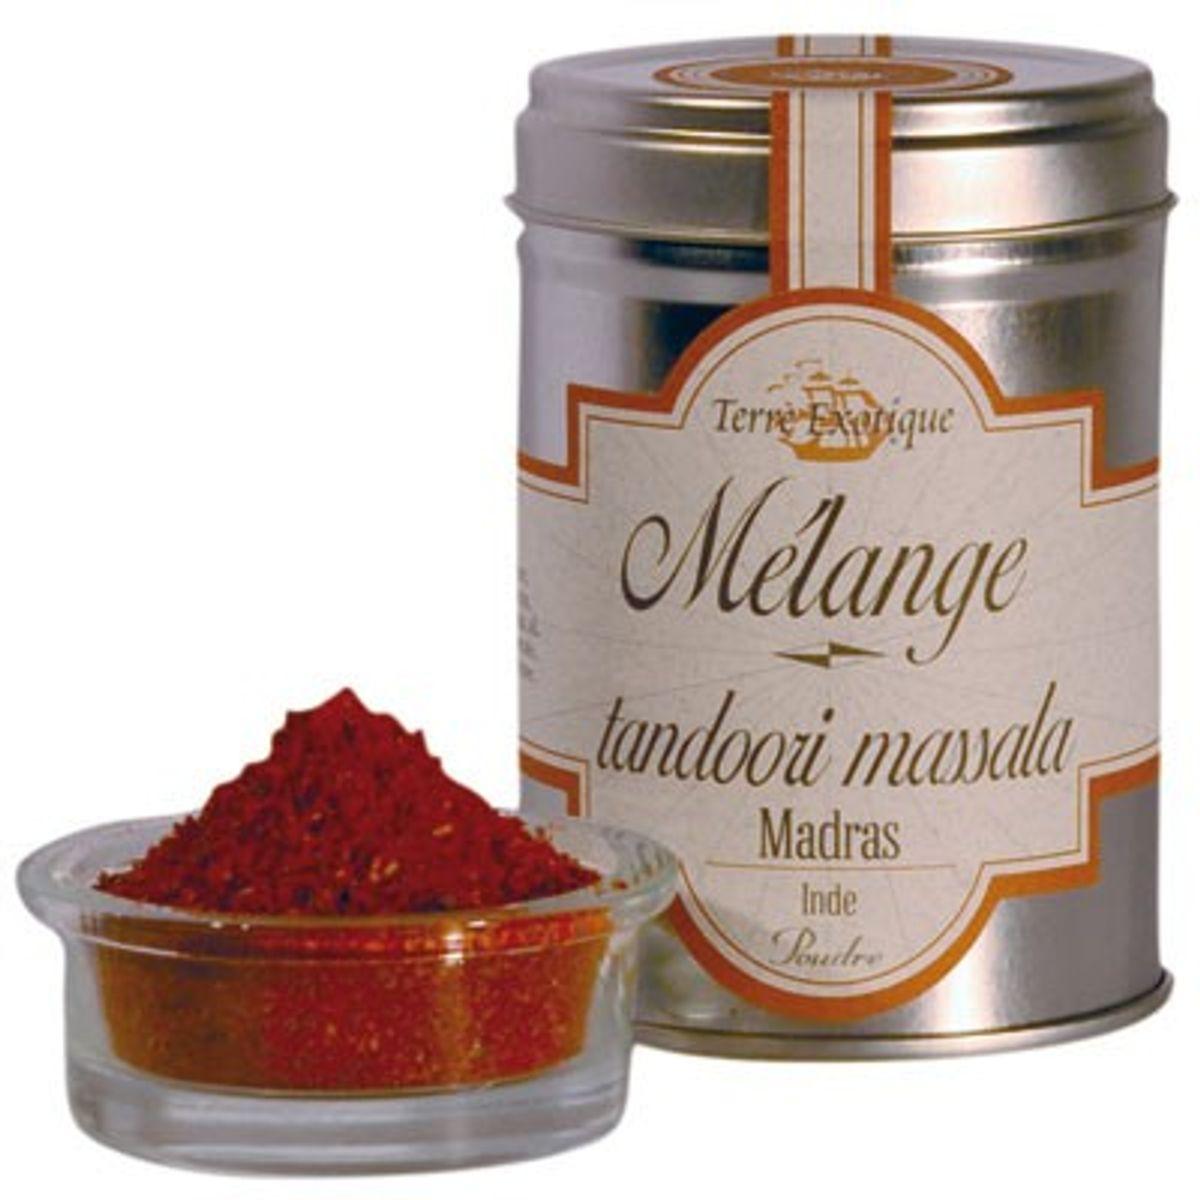 Mélange tandoori - Terre Exotique